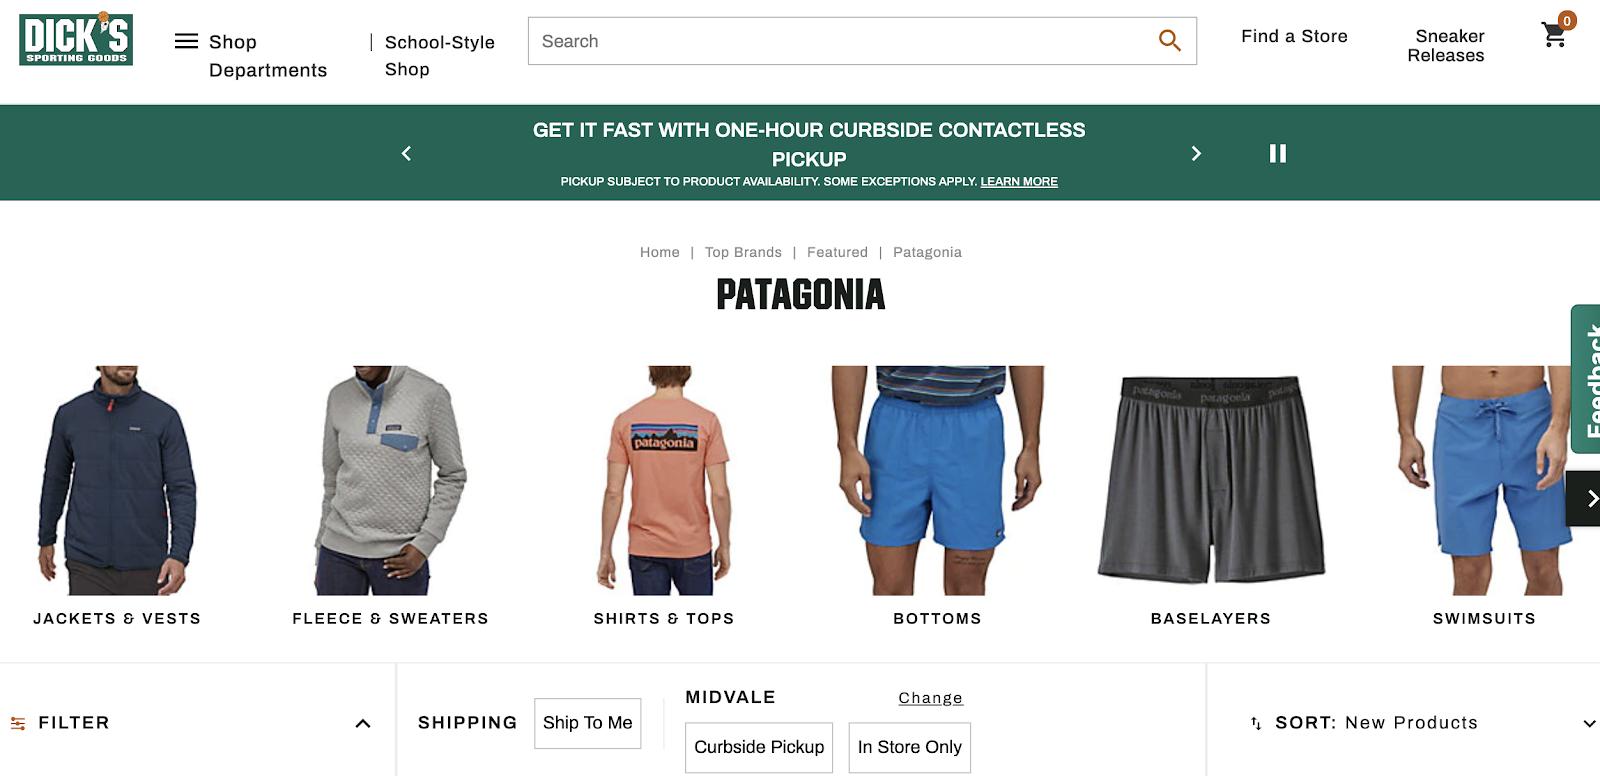 dicks sporting goods online retailer website